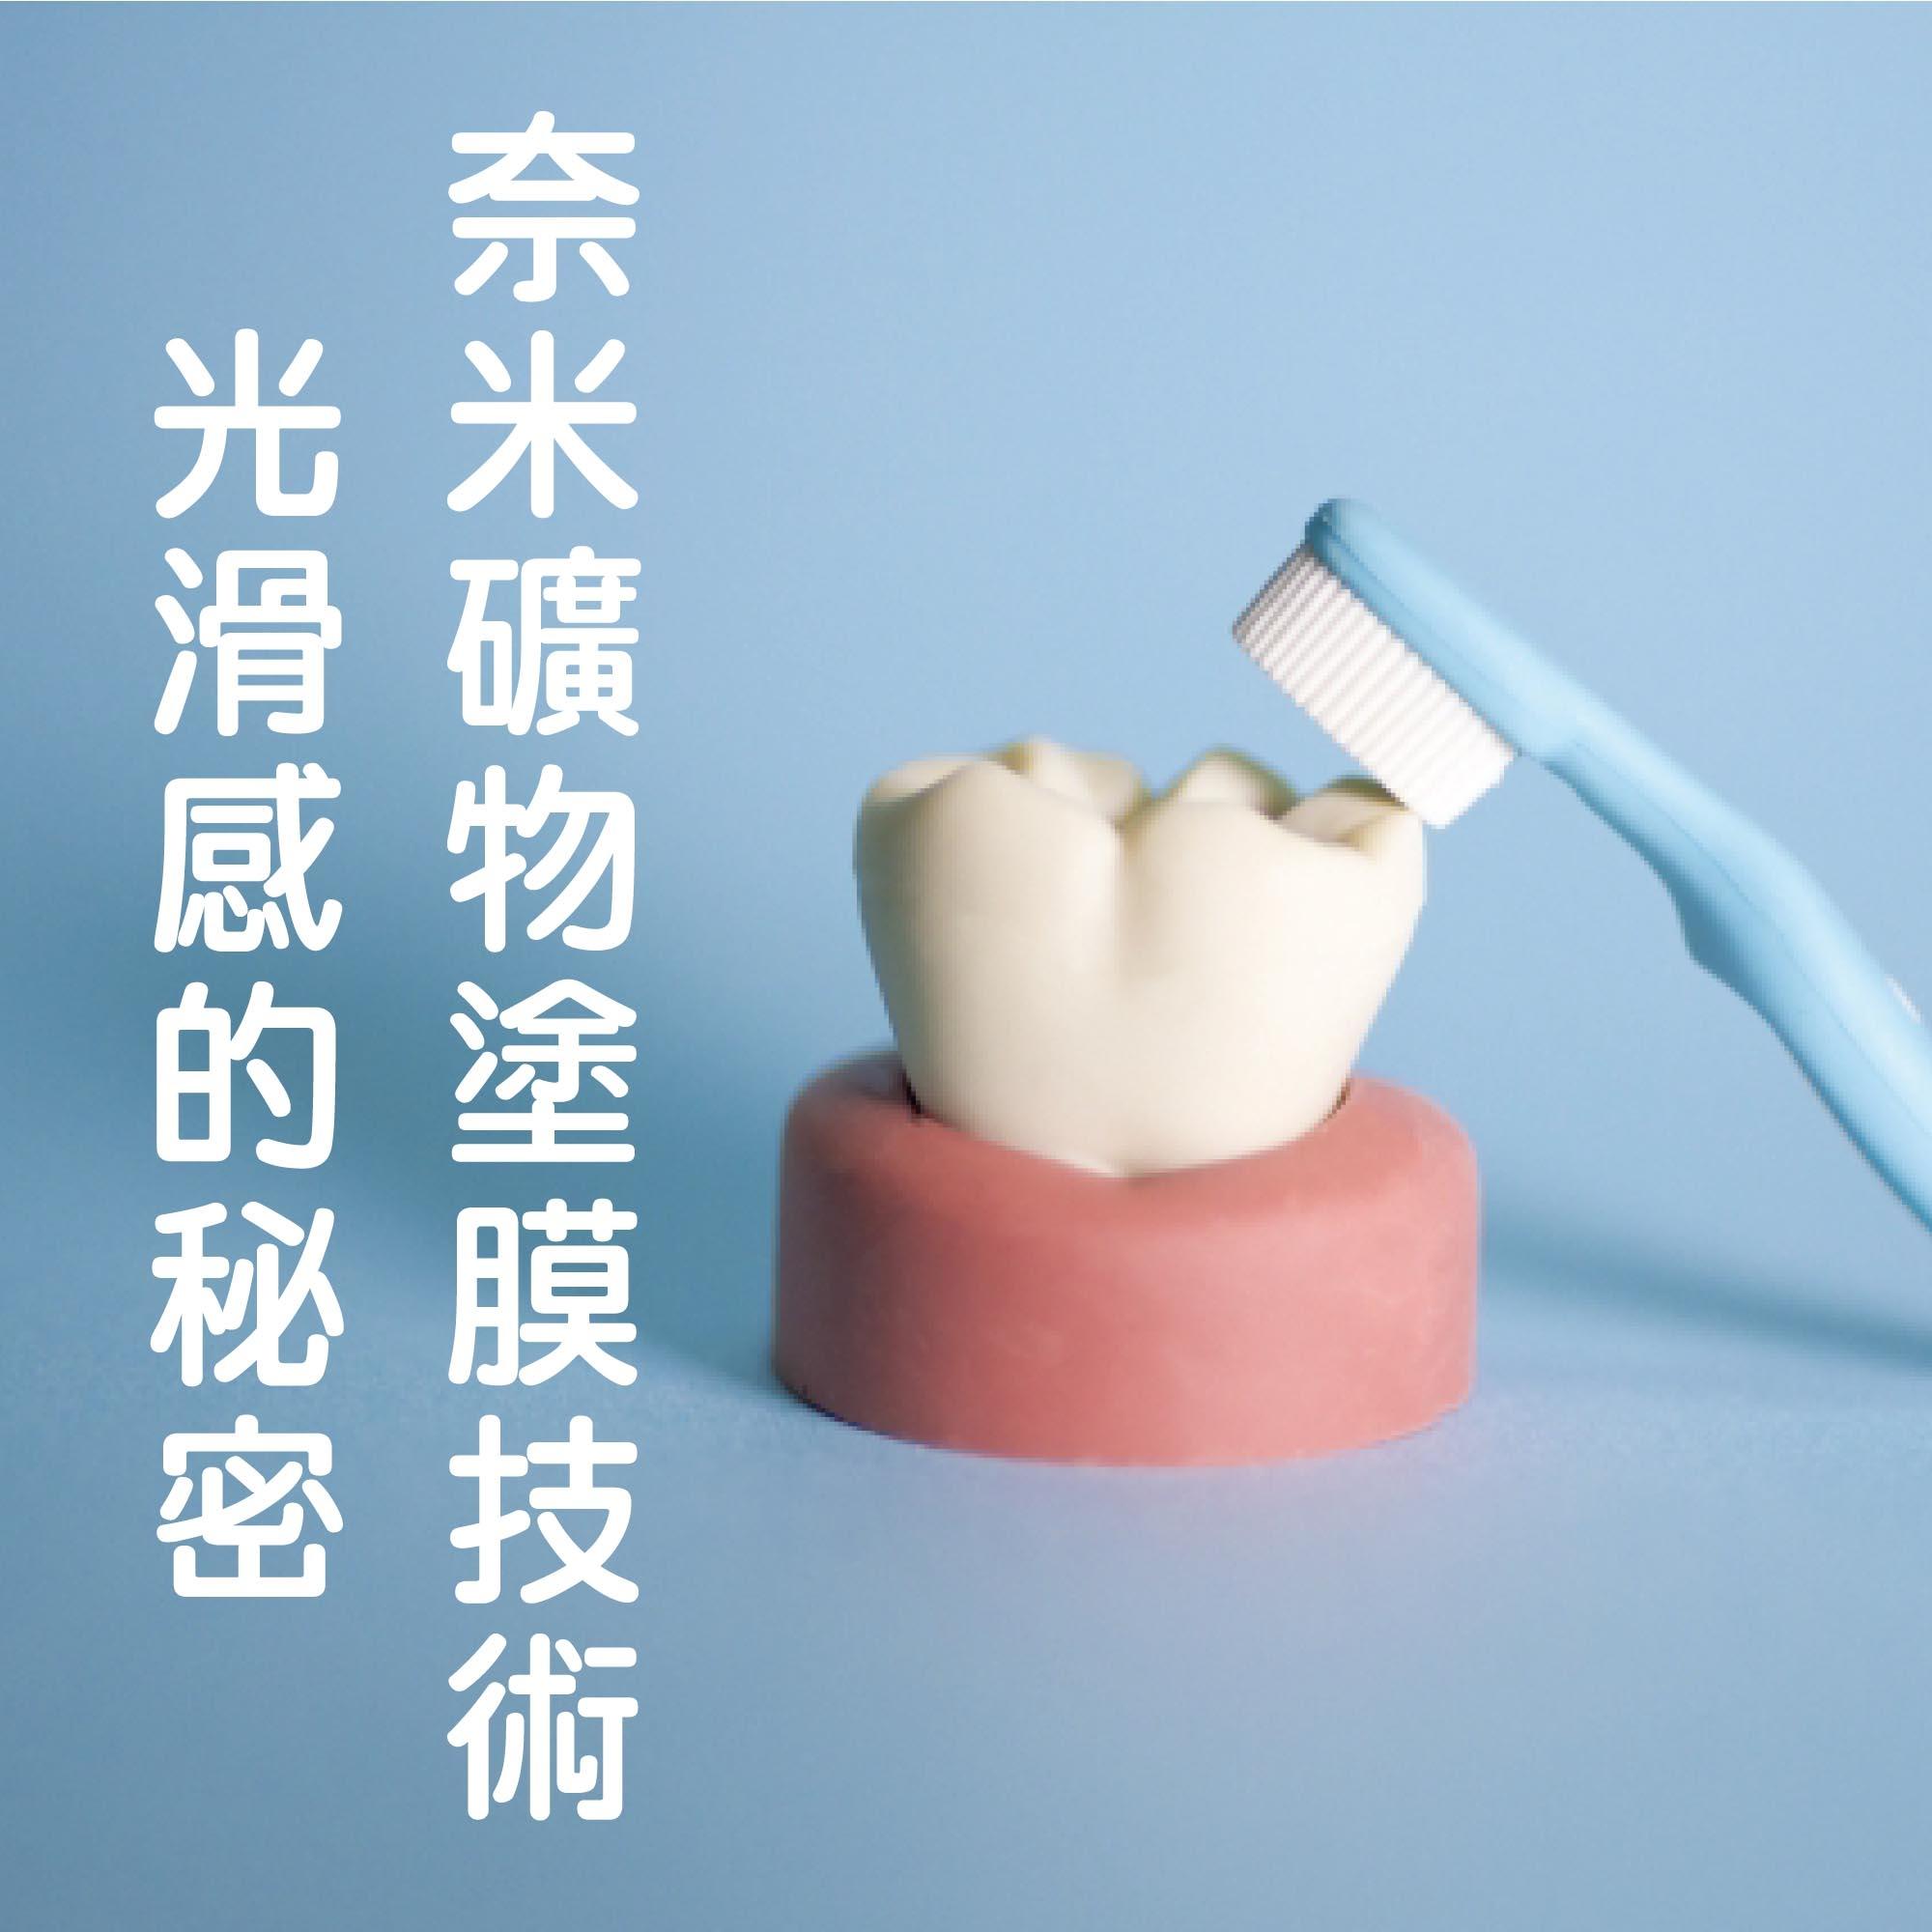 奈米礦物塗膜技術 讓牙齒滑滑的牙刷